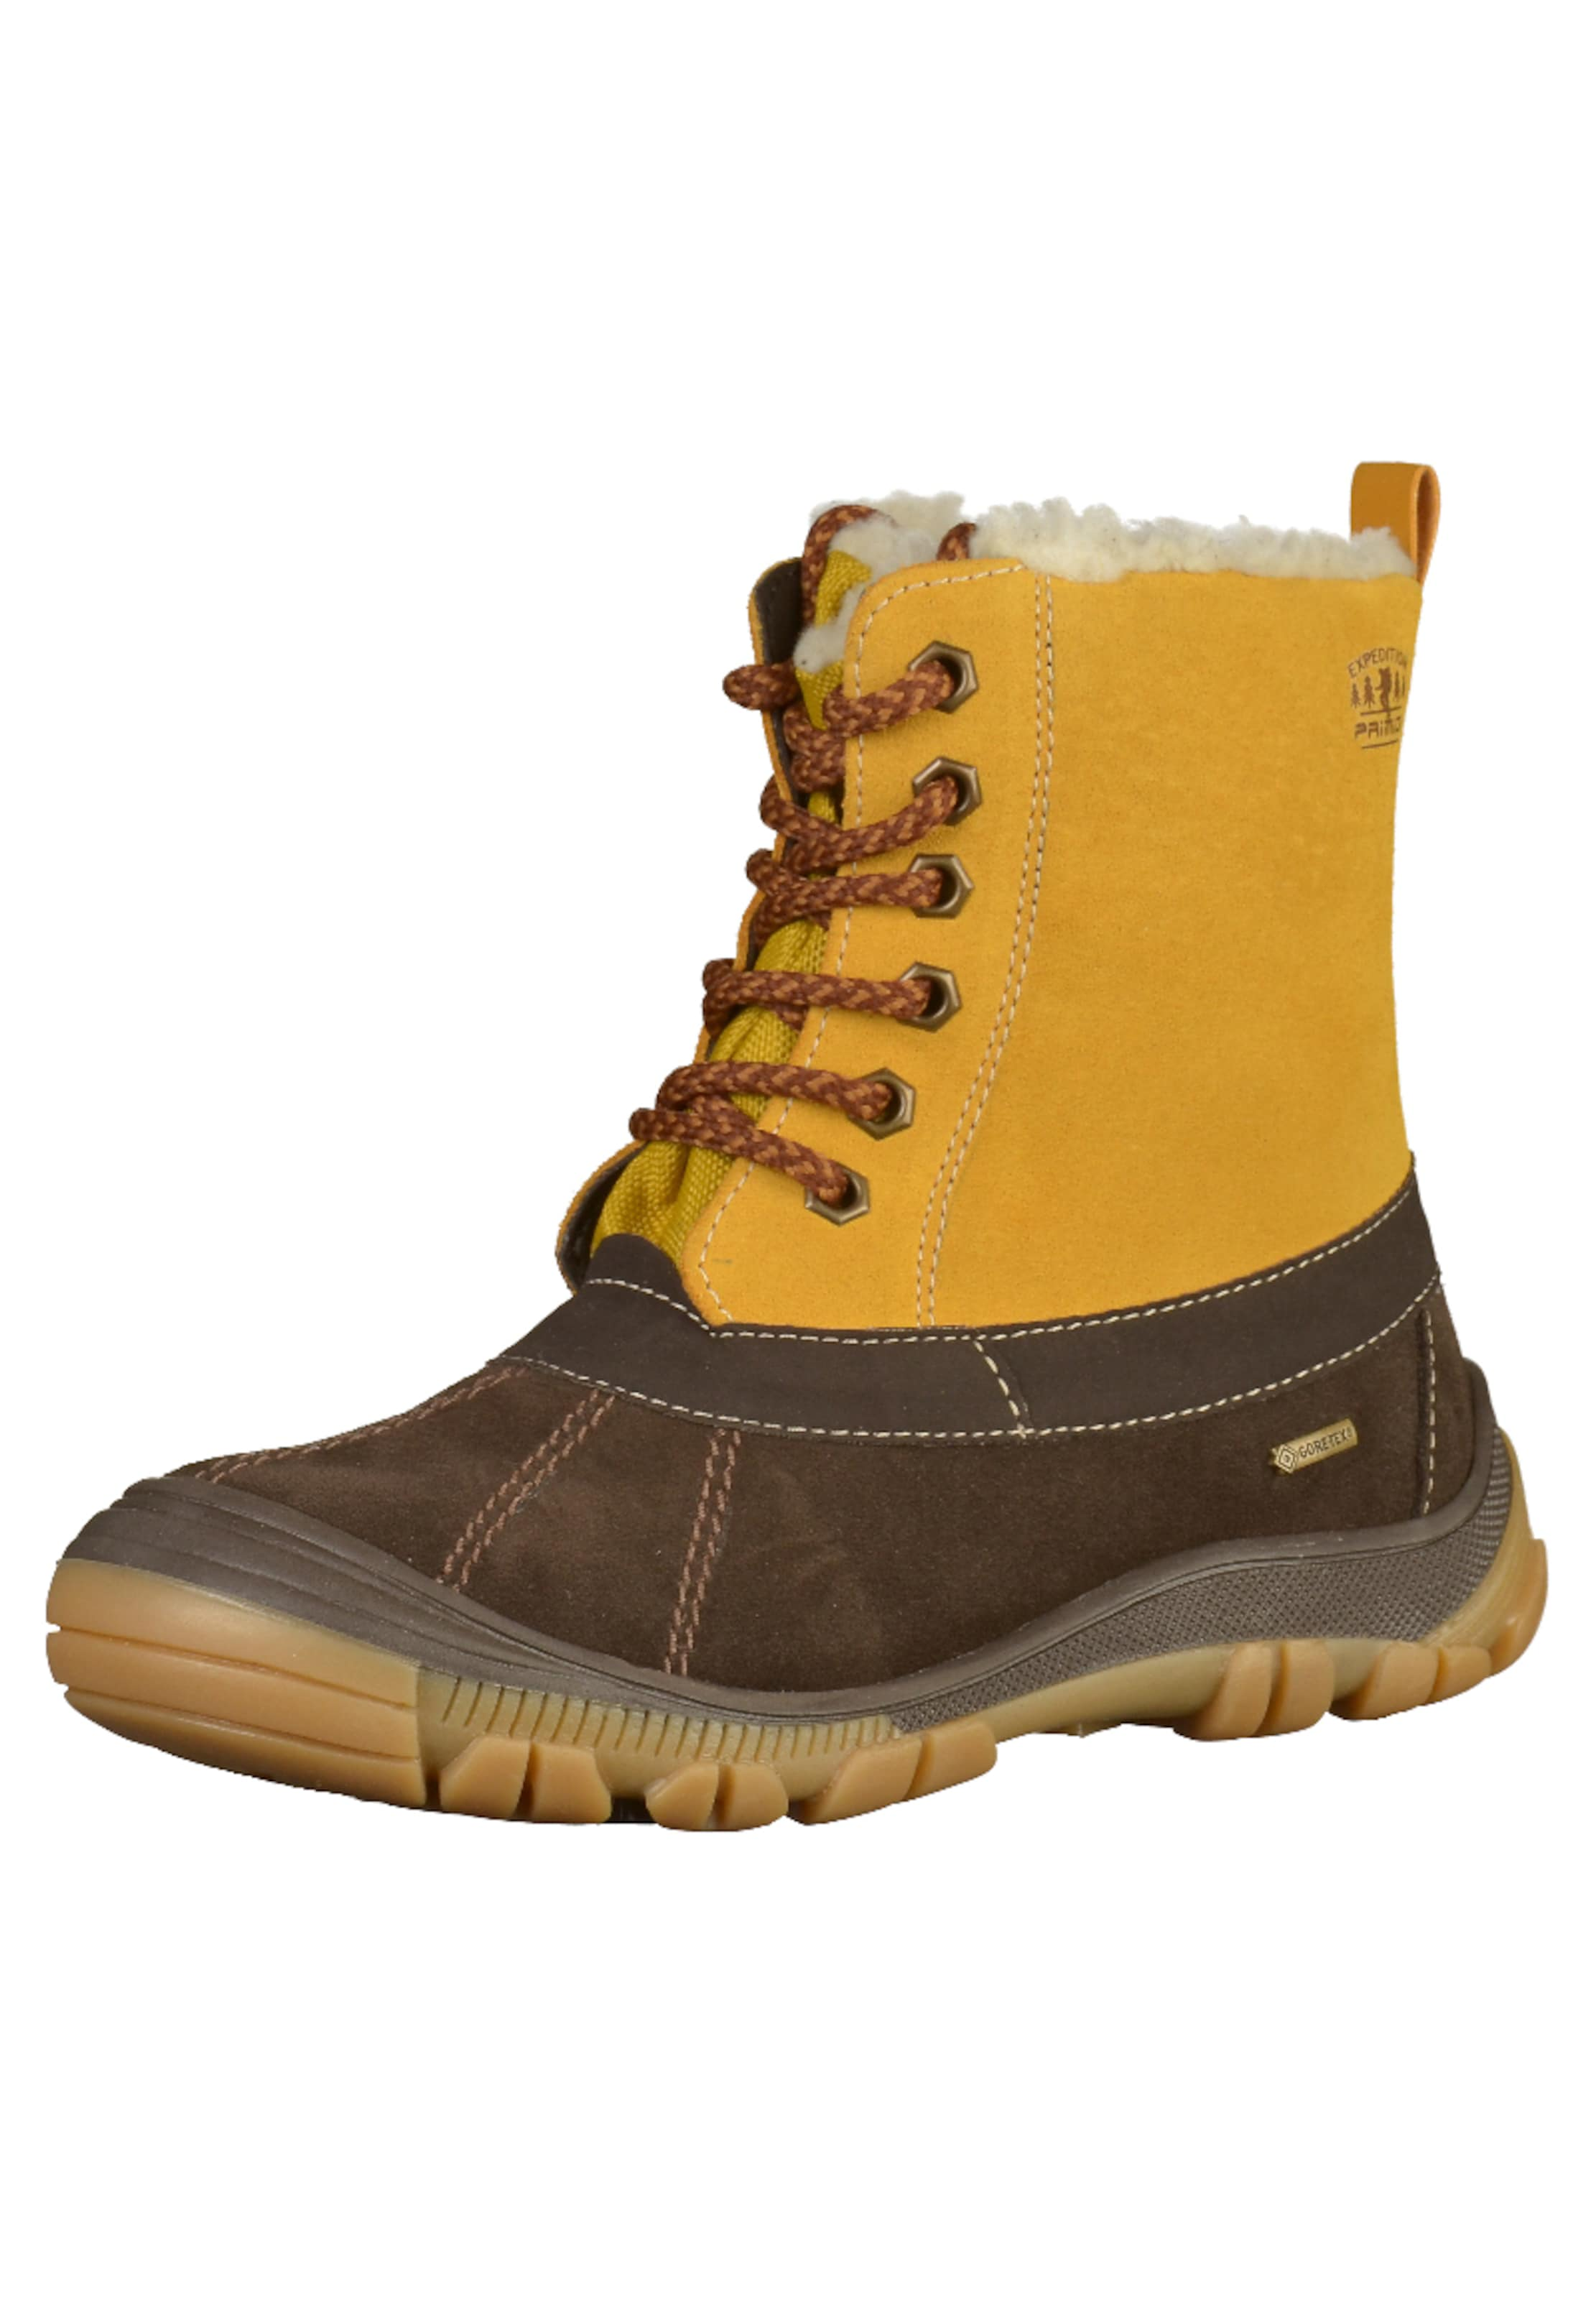 PRIMIGI Stiefel Günstige und langlebige Schuhe